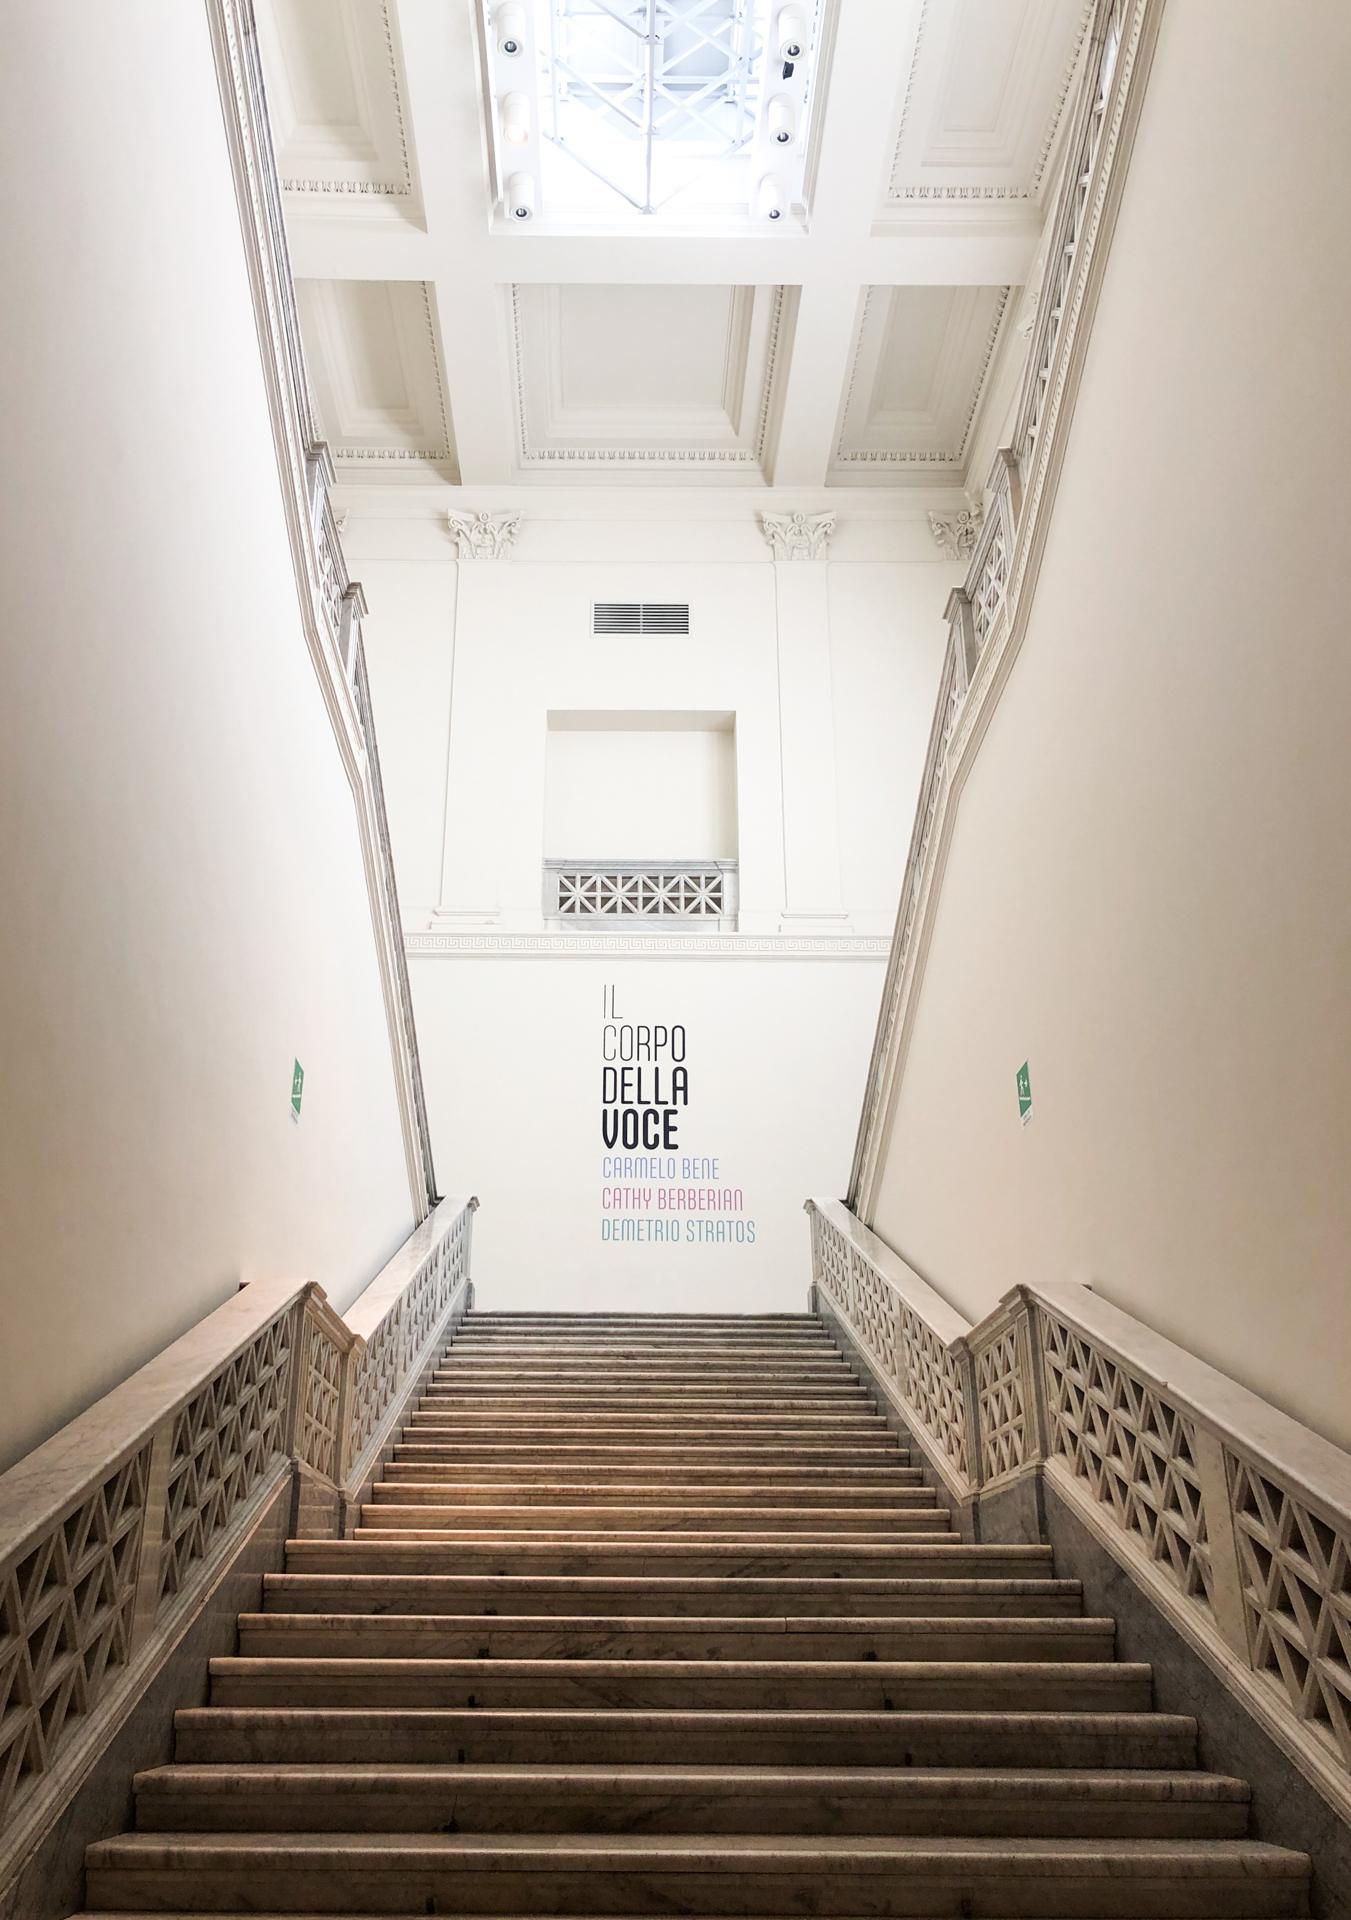 Il corpo della voce, Palazzo delle Esposizioni. Photo courtesy Amalia di Lanna